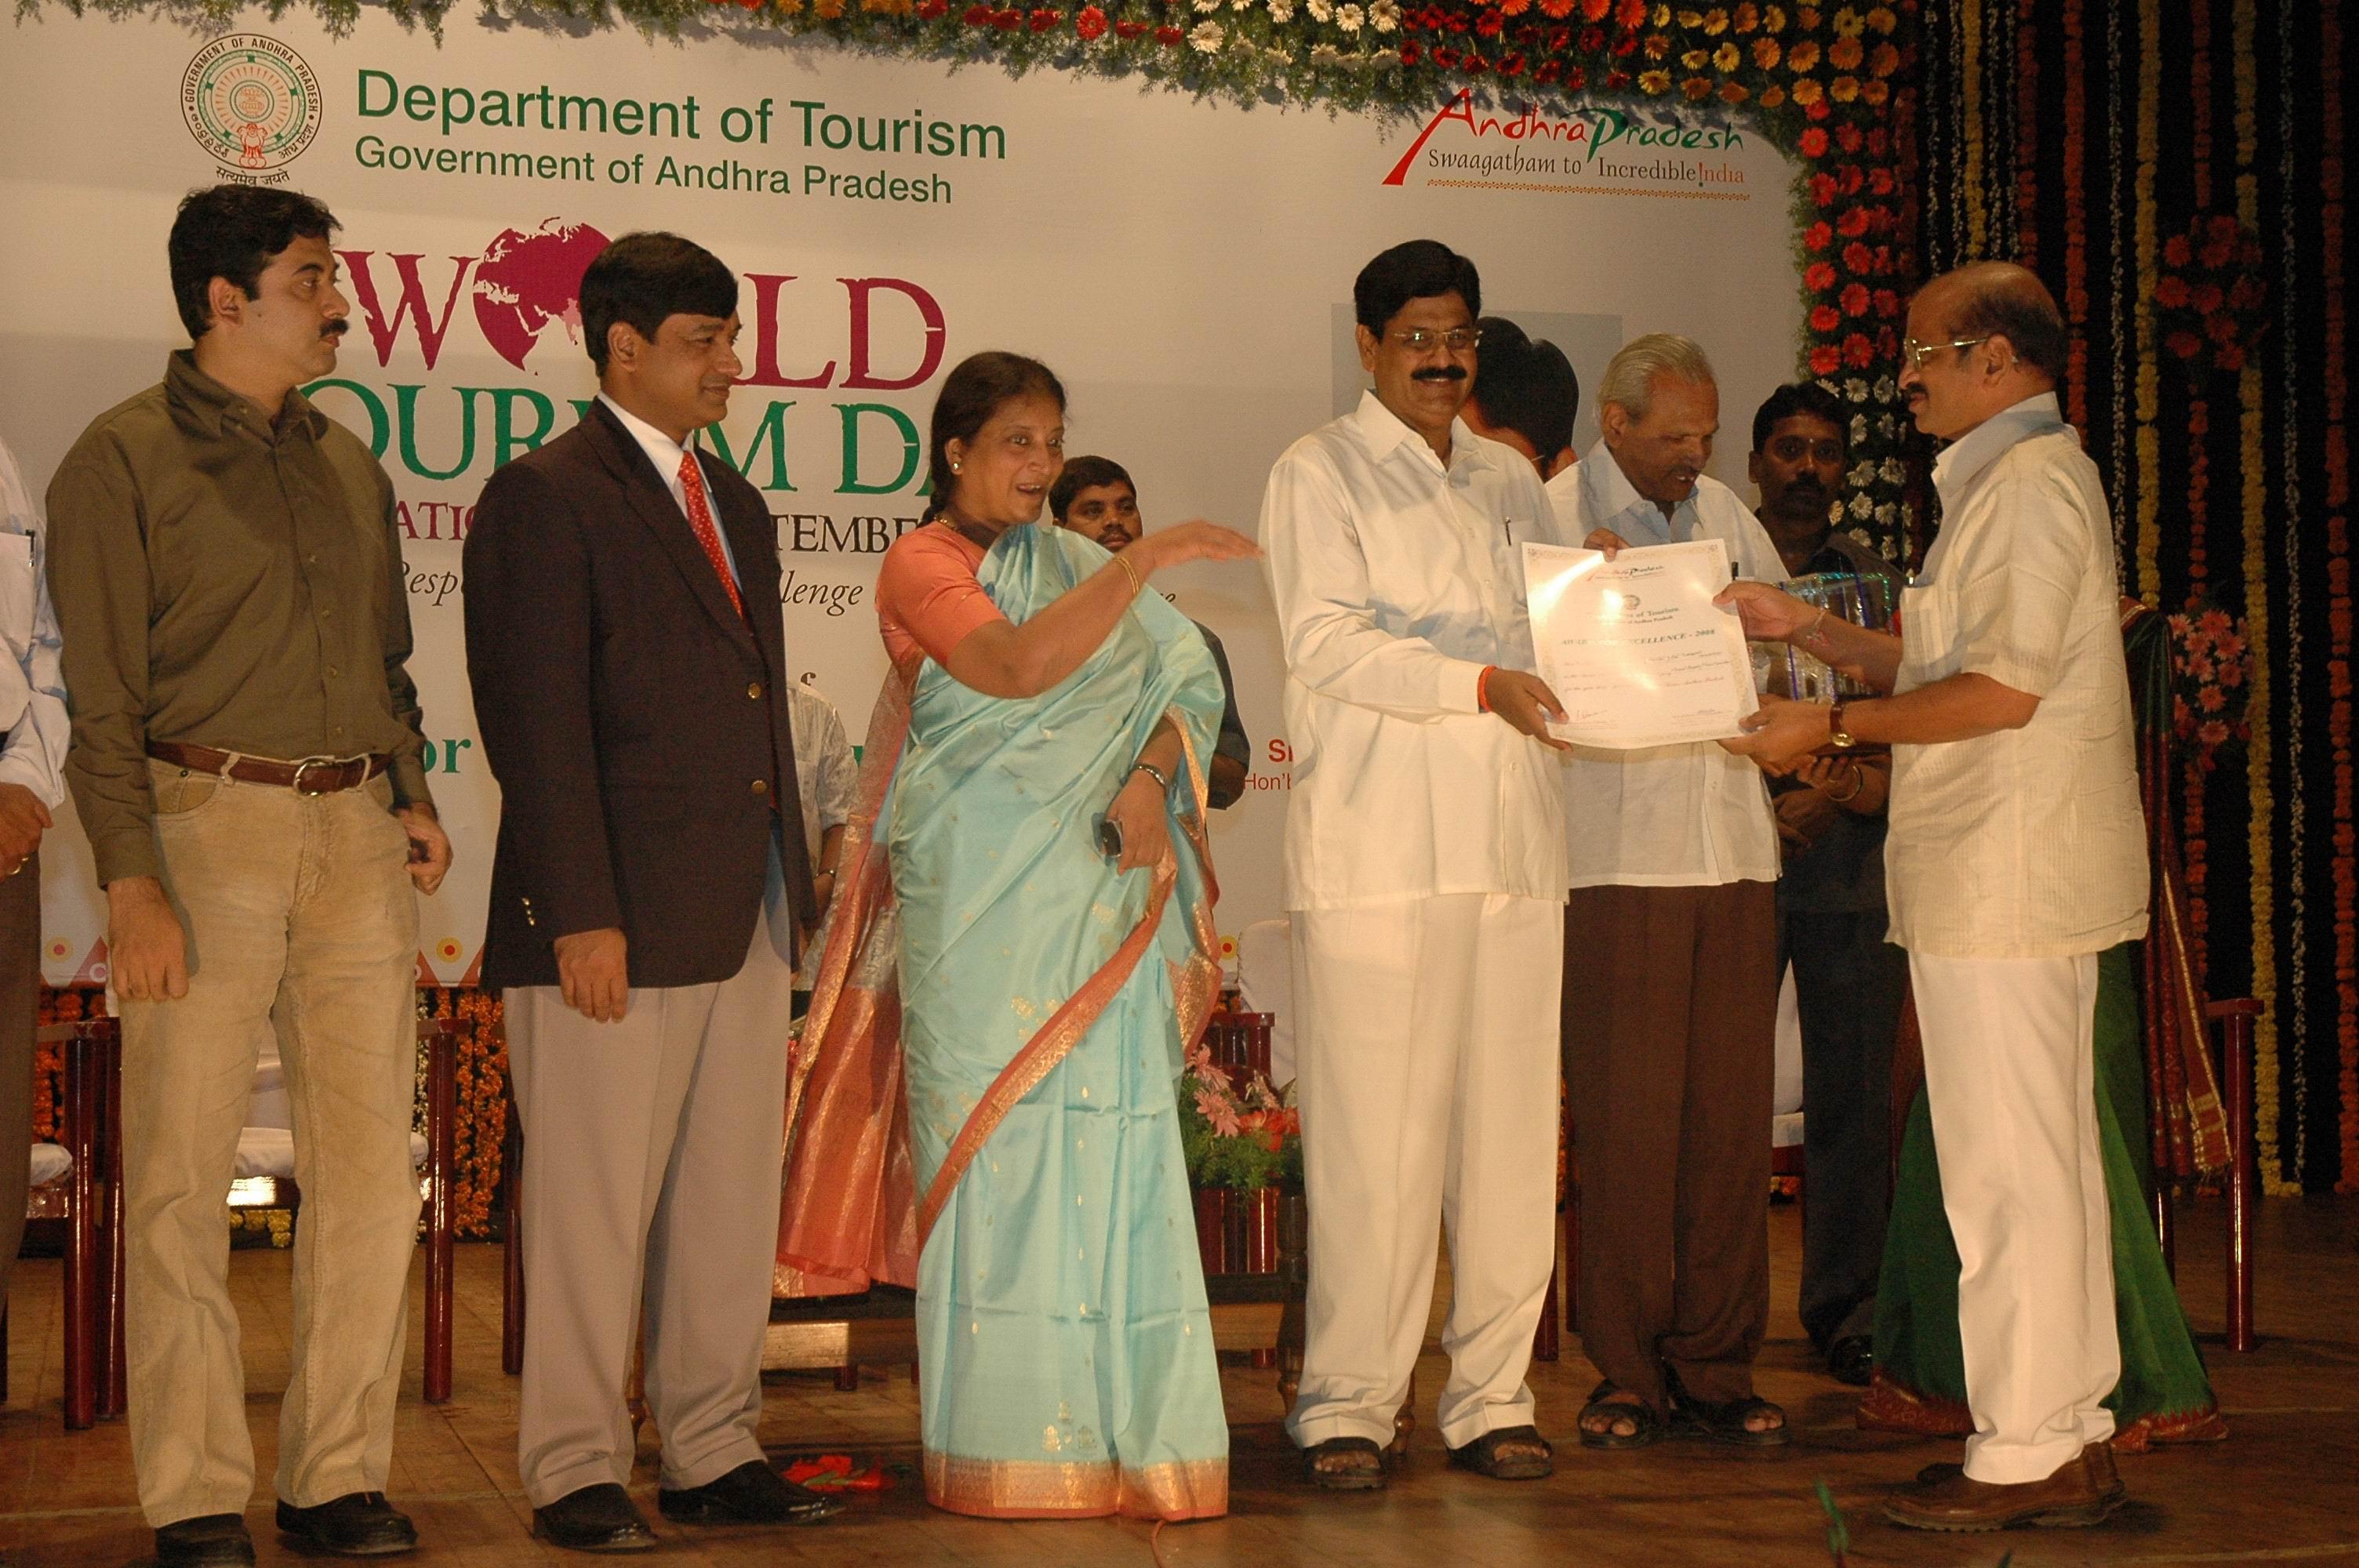 Papikondalu Best Tourism Award